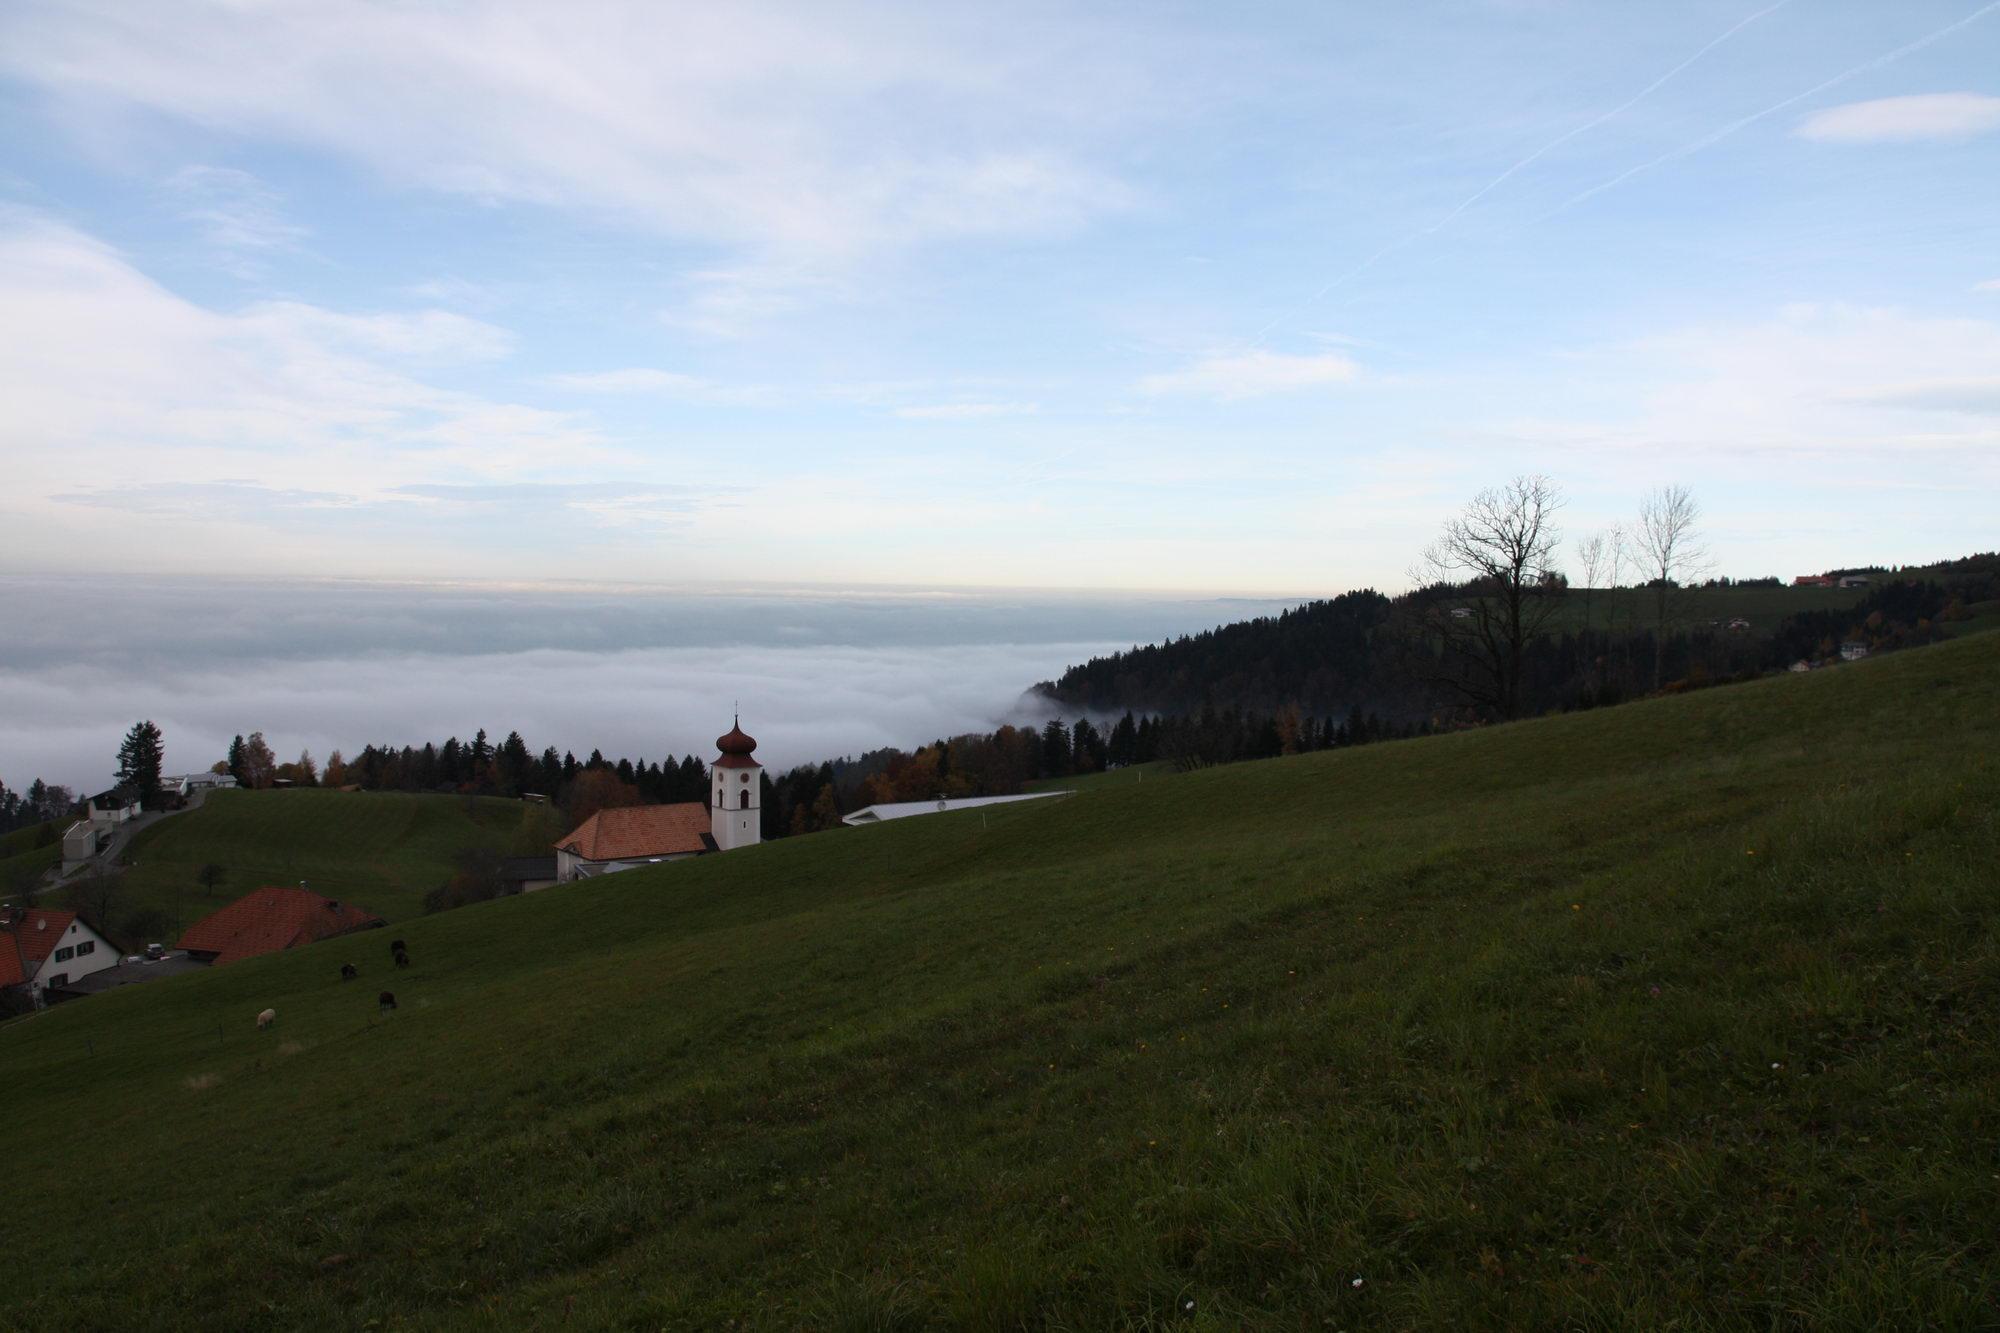 Eichenberg - der Wanderweg kommt oberhalb des Orts aus dem Wald und bietet ein wunderbares Panorama